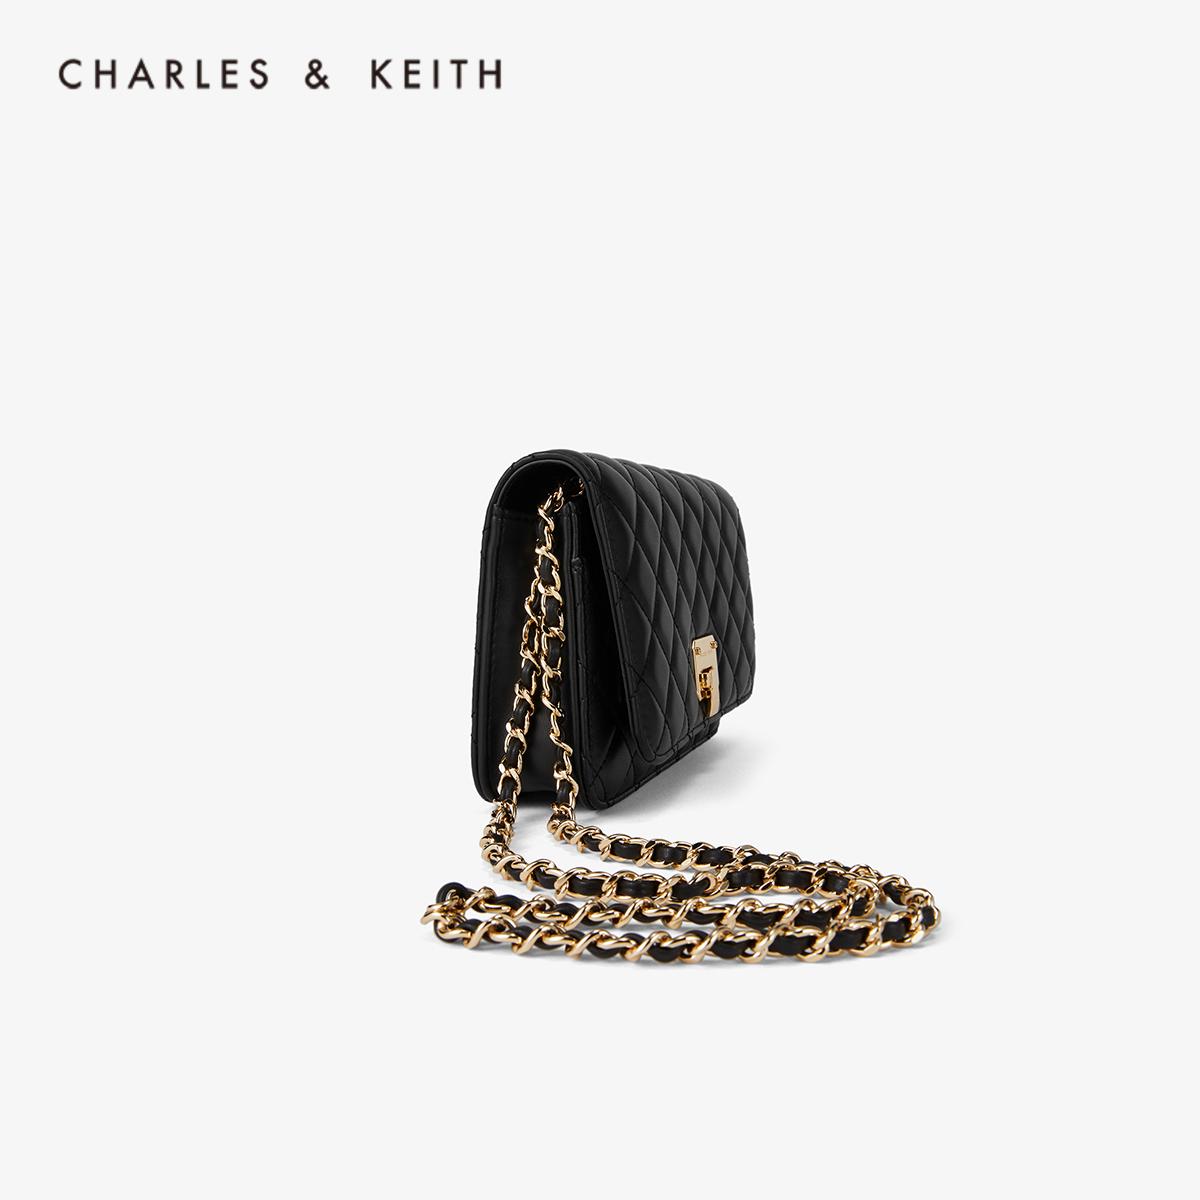 菱格金属链条女士单肩包 70160078 CK2 春夏新品 KEITH & CHARLES